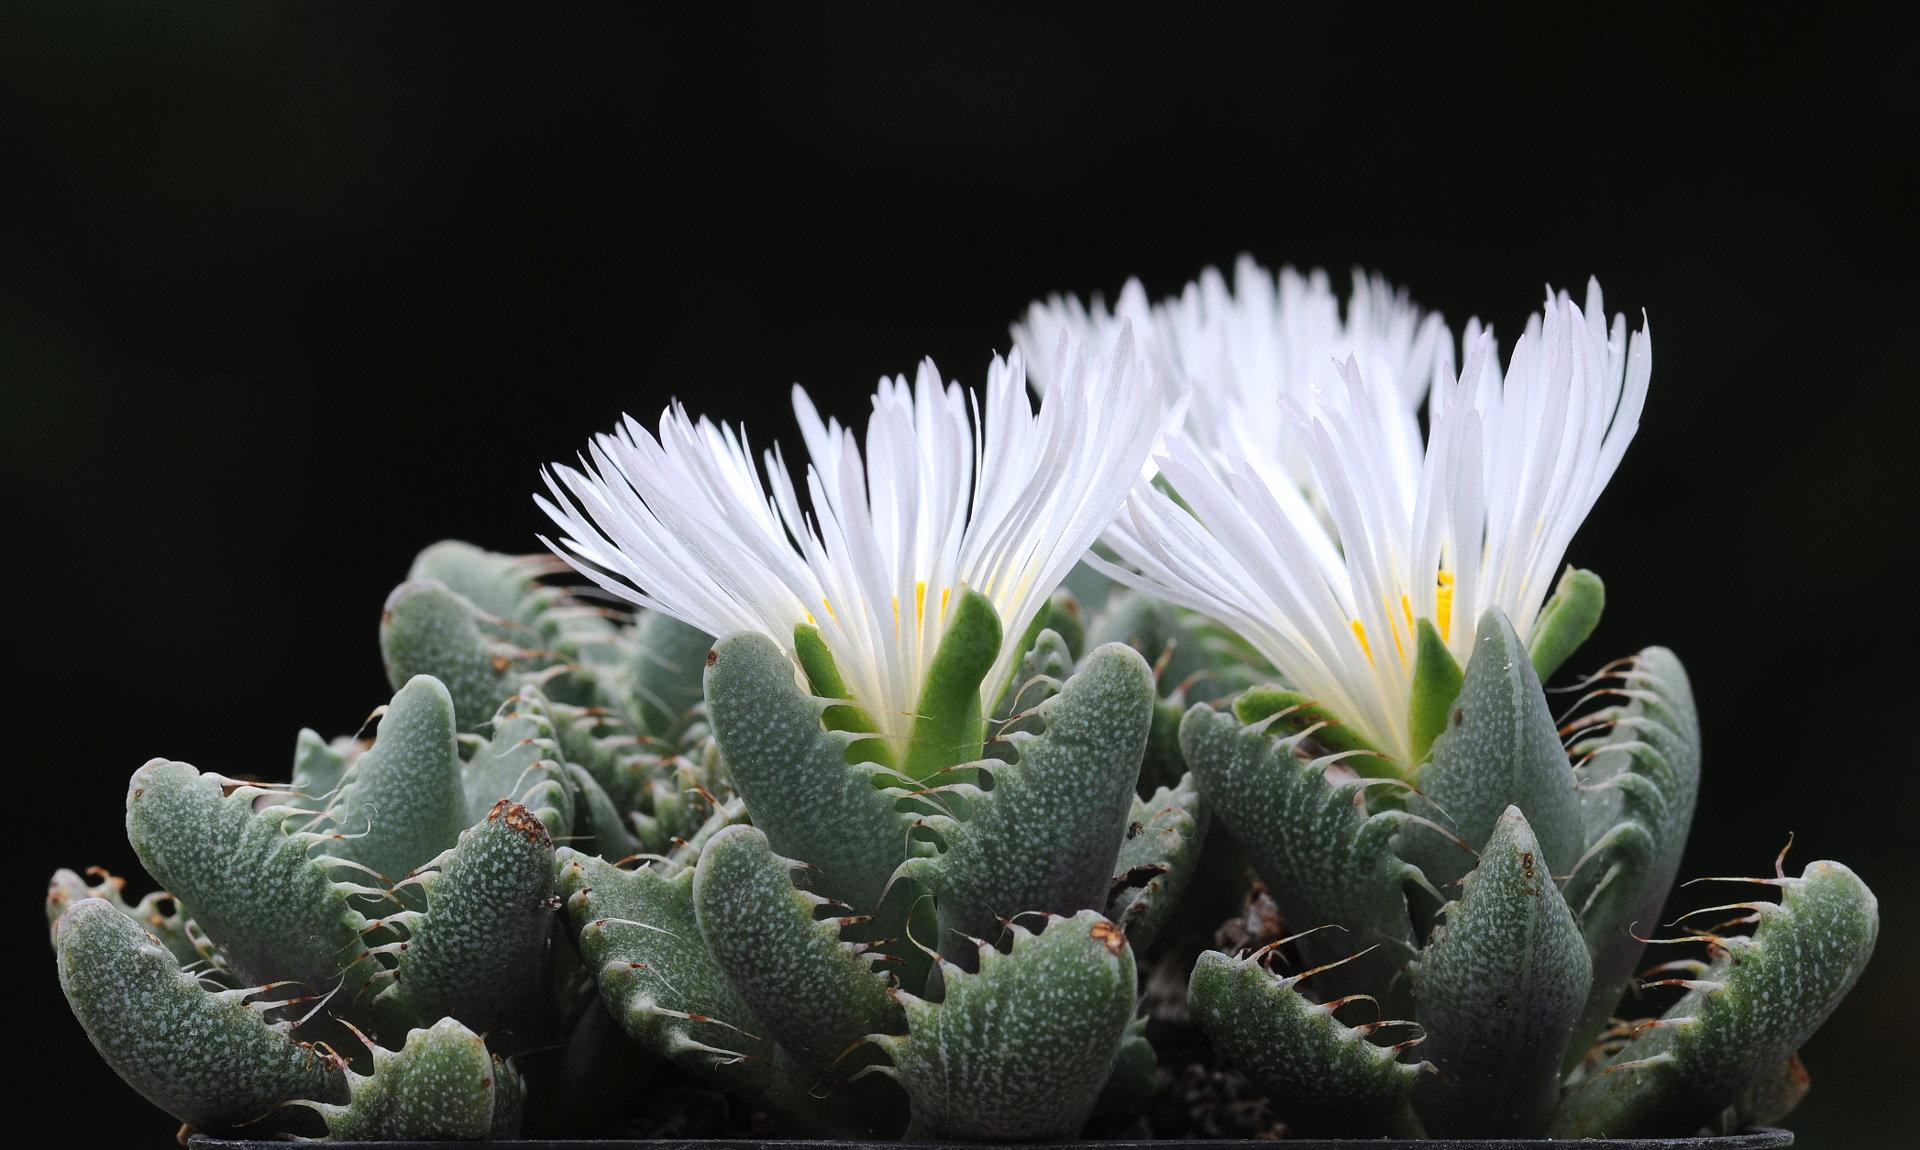 Faucaria felina subsp. candida